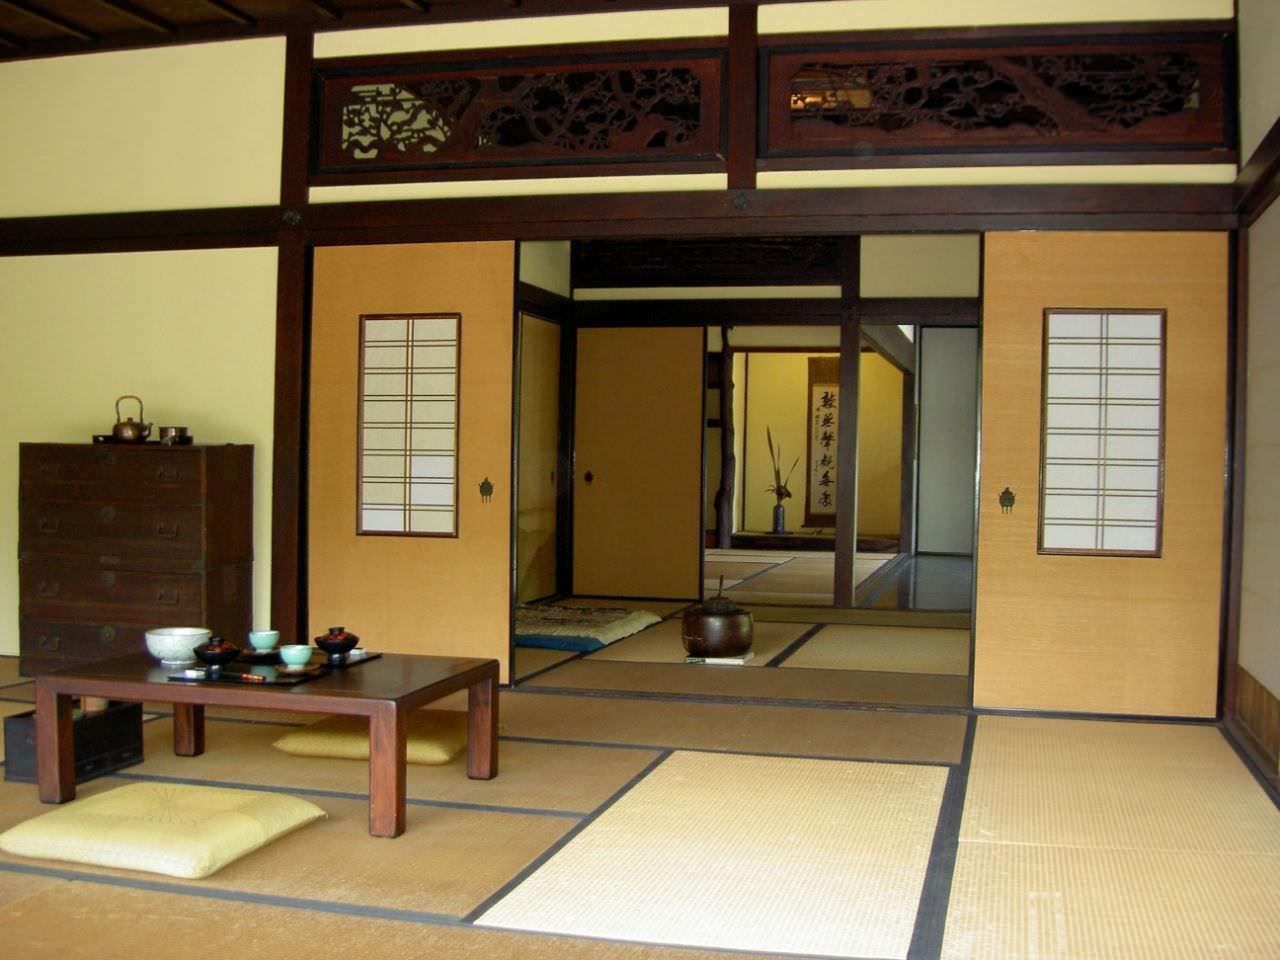 Chiếu Tatami đặt ở phòng khách trong những ngôi nhà Nhật Bản